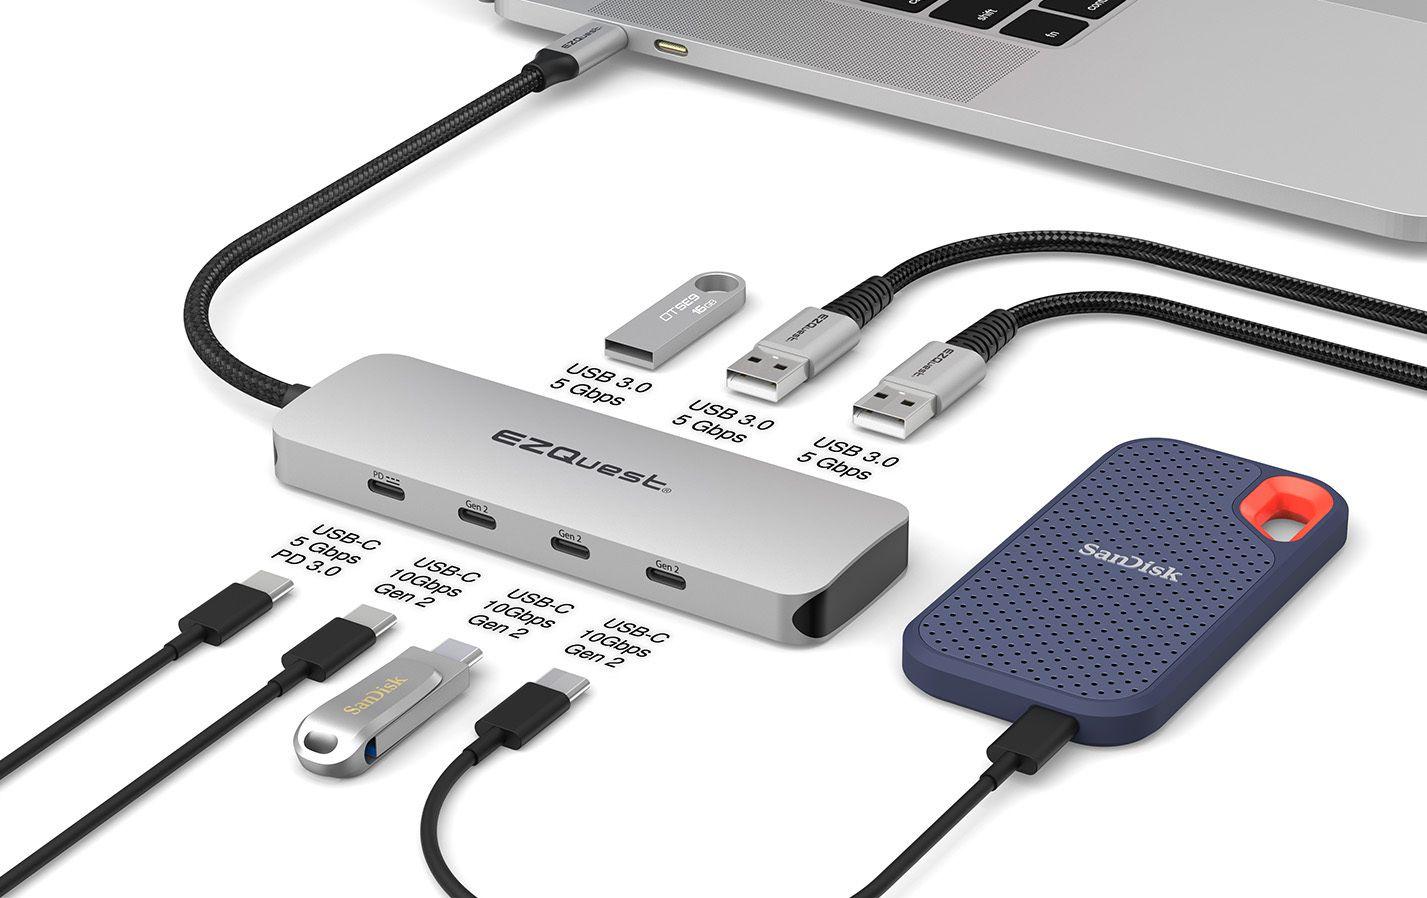 The EZQuest USB-C Gen 2 Hub Adapter 7 ports